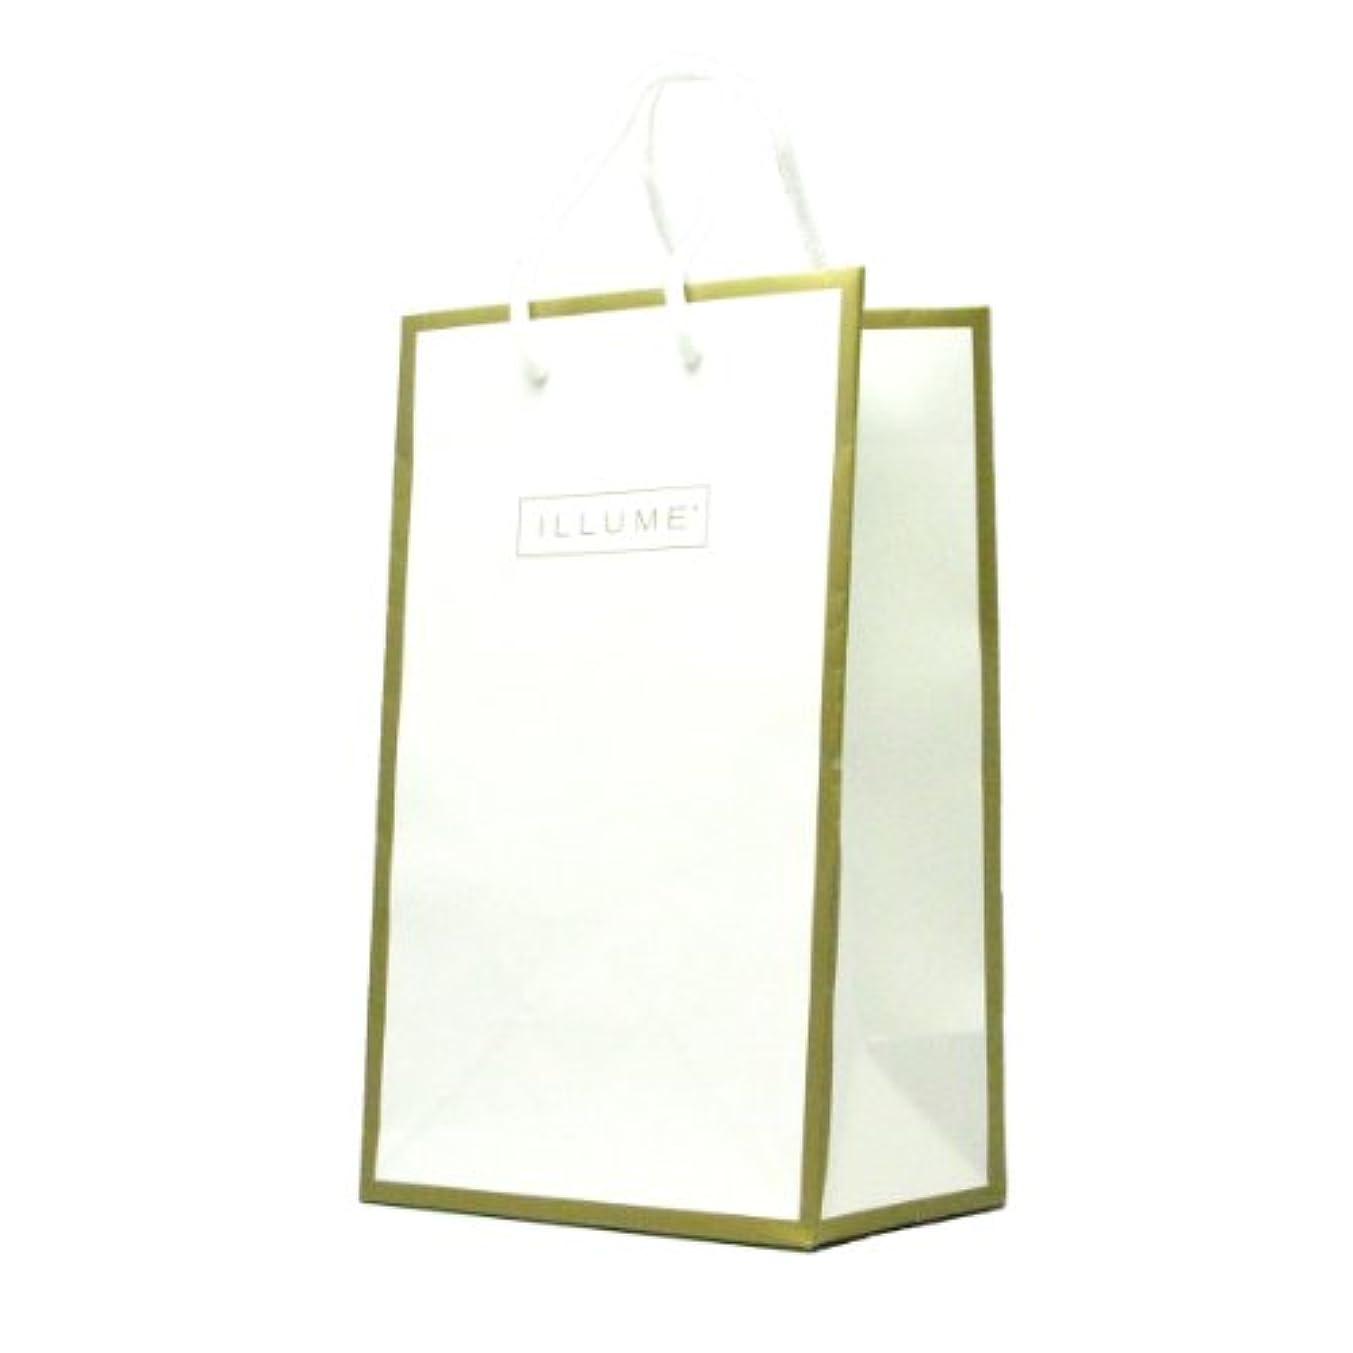 儀式フリル平等イリューム(ILLUME) ギフトバッグ(Gift Bag) (ILLUMEギフトバッグ)